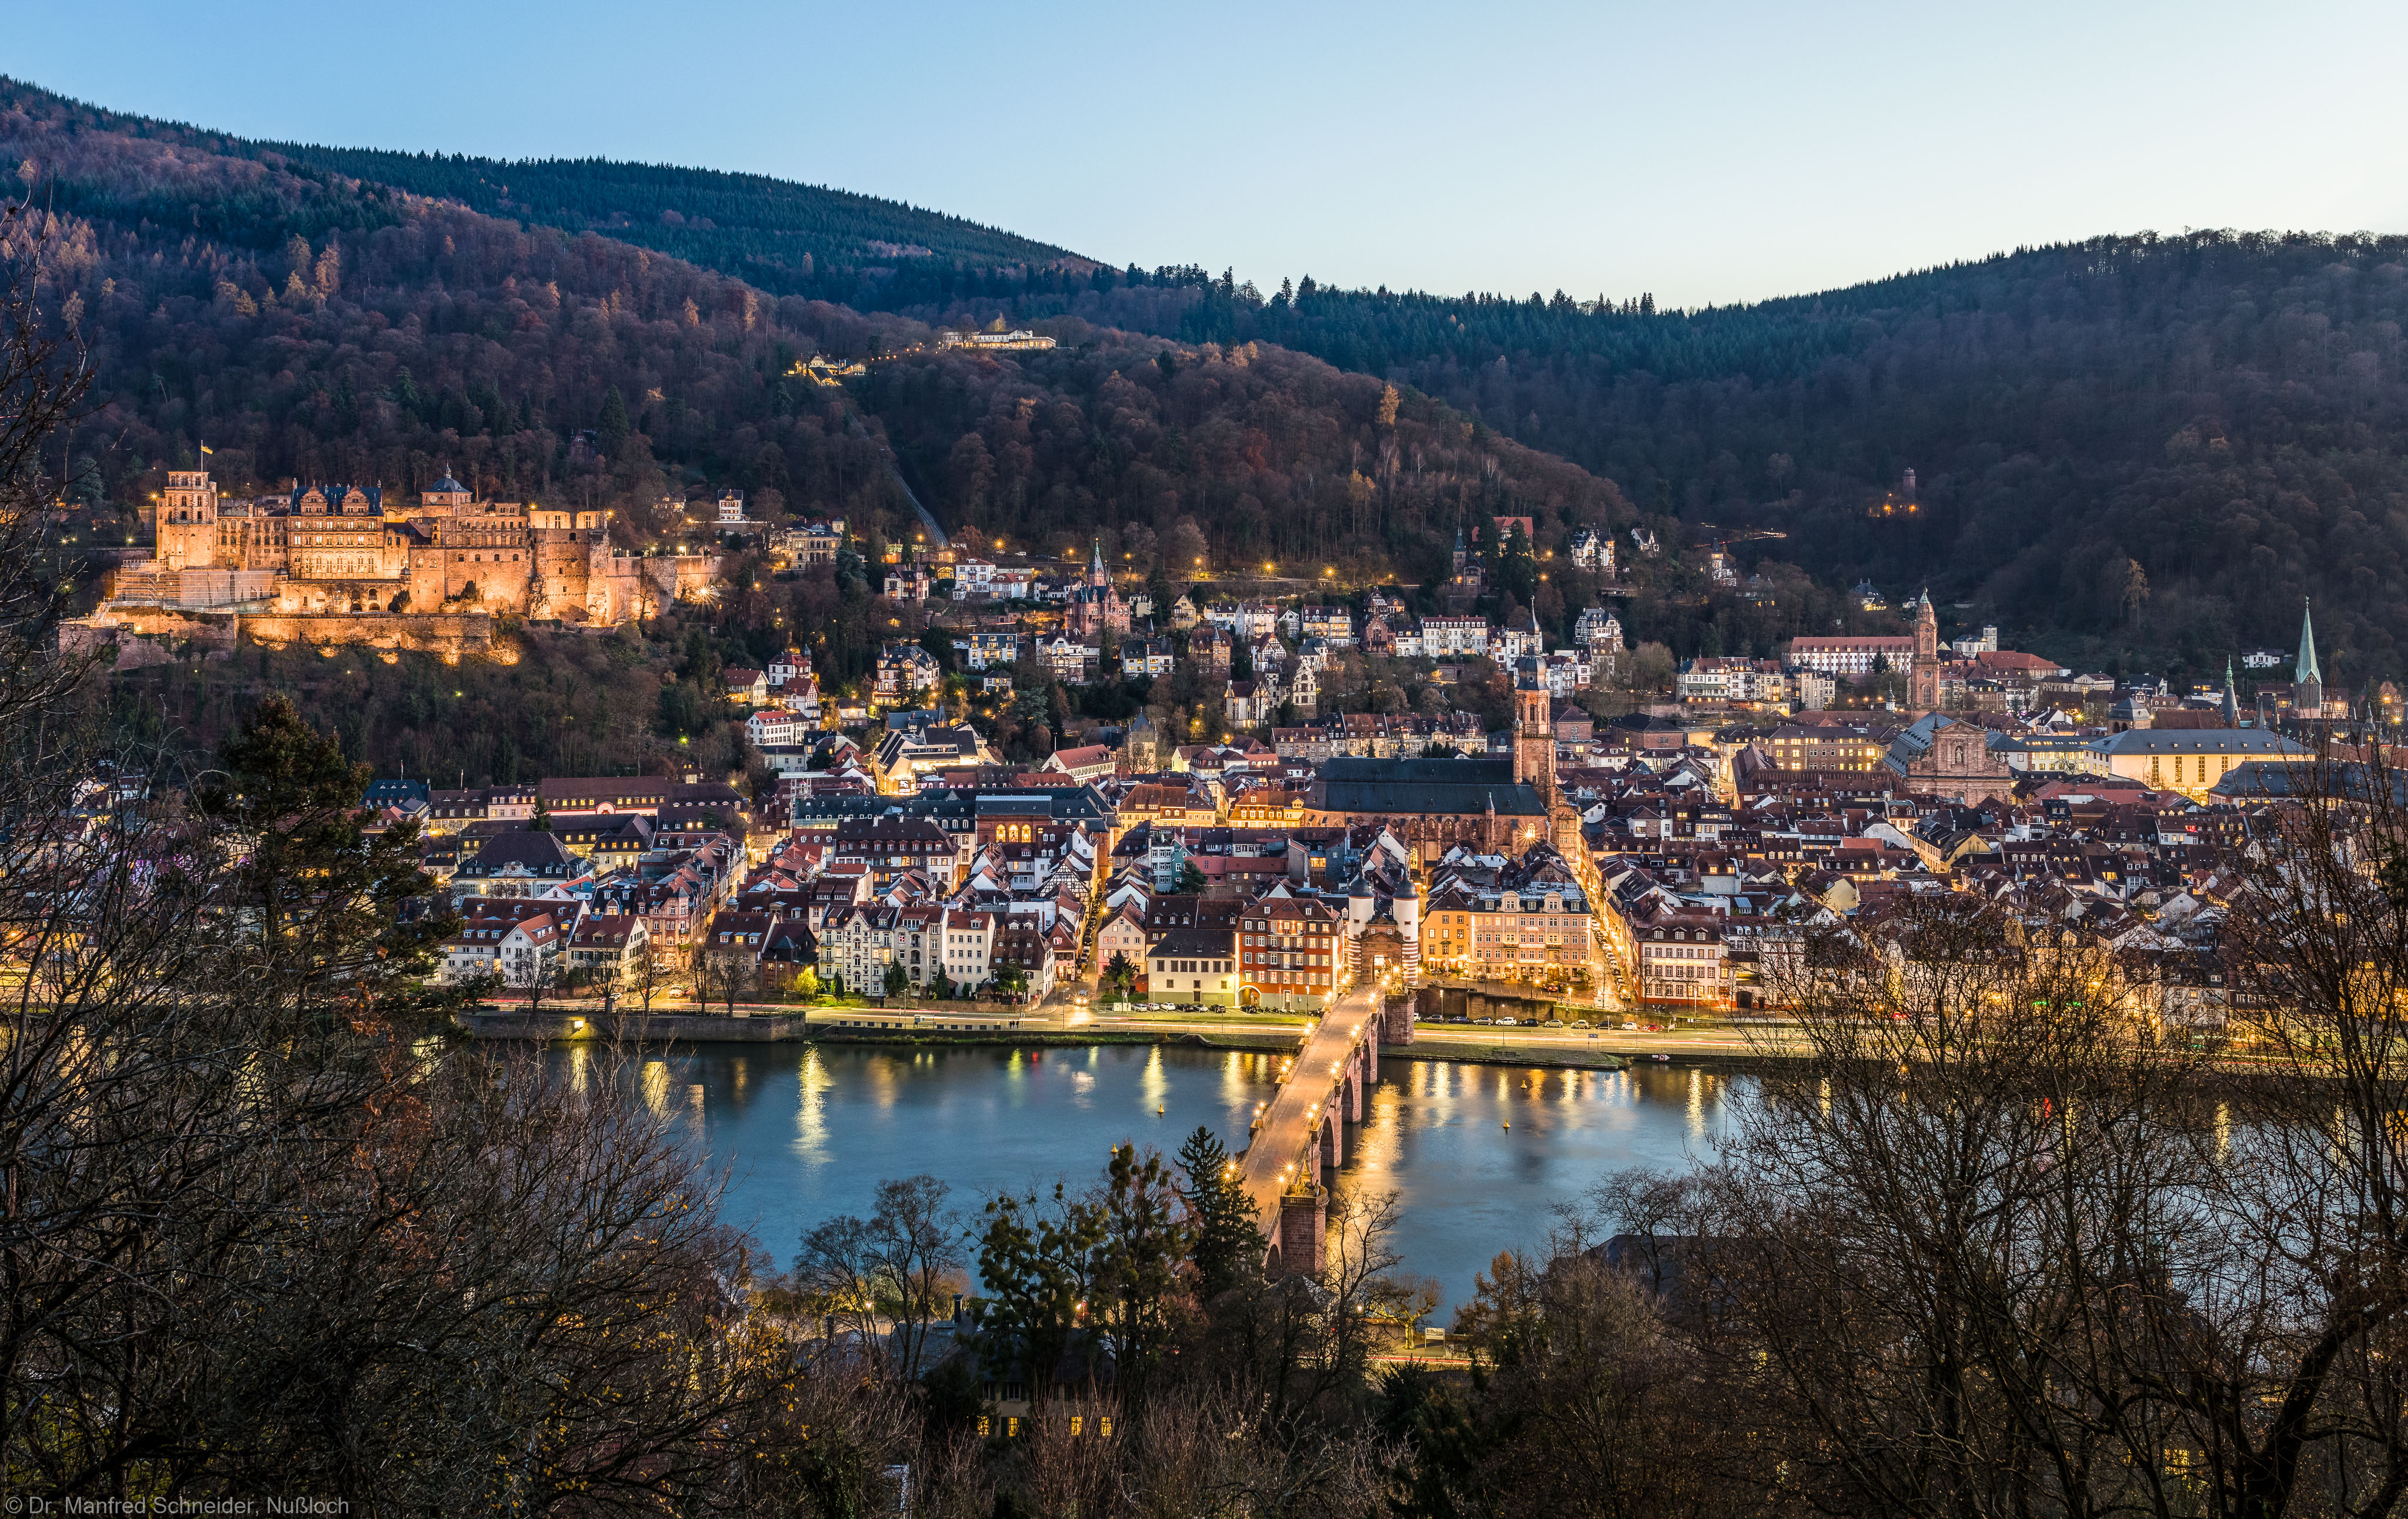 Heidelberg - Heiliggeistkirche - Nordseite - Blick vom Oberen Philosophenweg auf Heidelberg, die Molkenkur, das Schloss, die Heiliggeistkirche, die Jesuitenkirche, die Peterskirche sowie den Neckar mit der Alten Brücke (aufgenommen im November 2016, am späten Nachmittag)